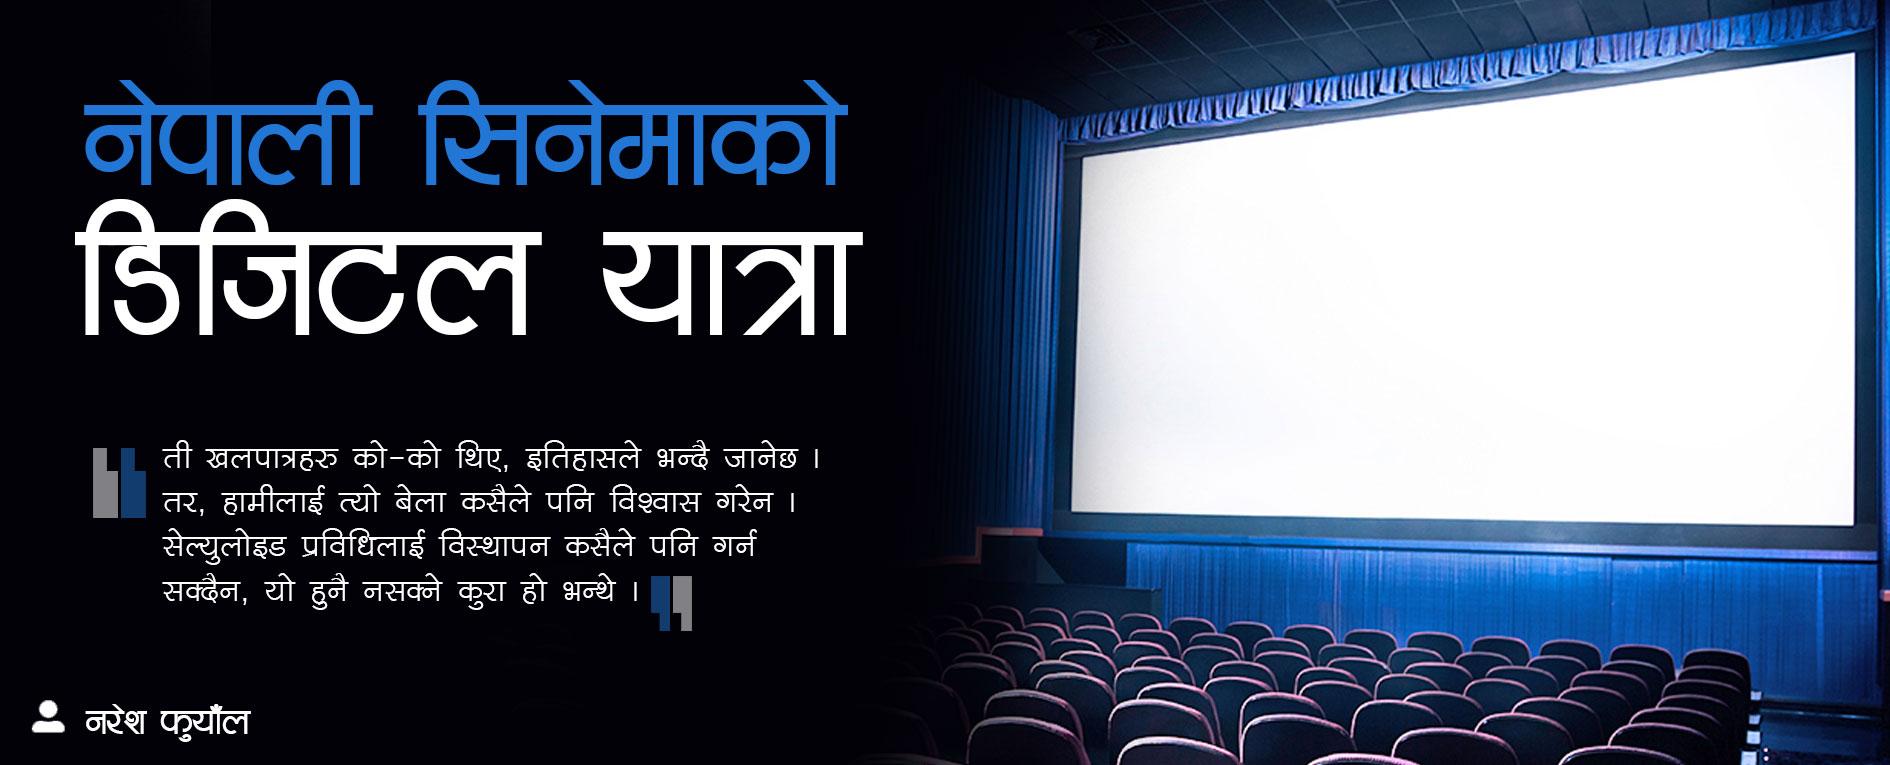 नेपाली सिनेमाको डिजिटल यात्रा